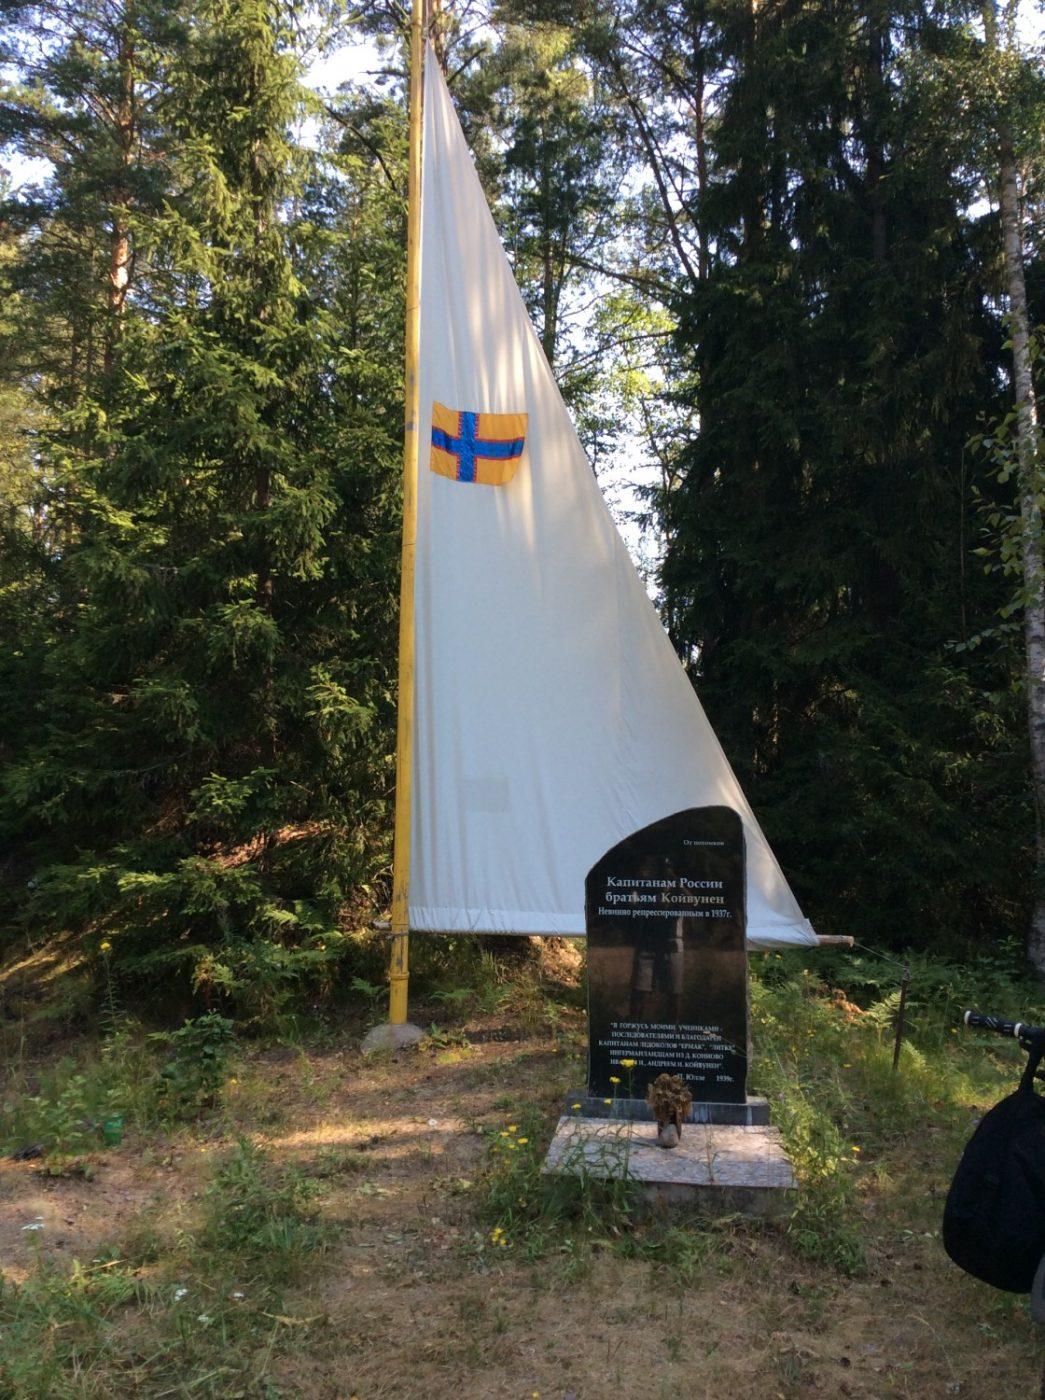 Трагичная судьба финских мореходов